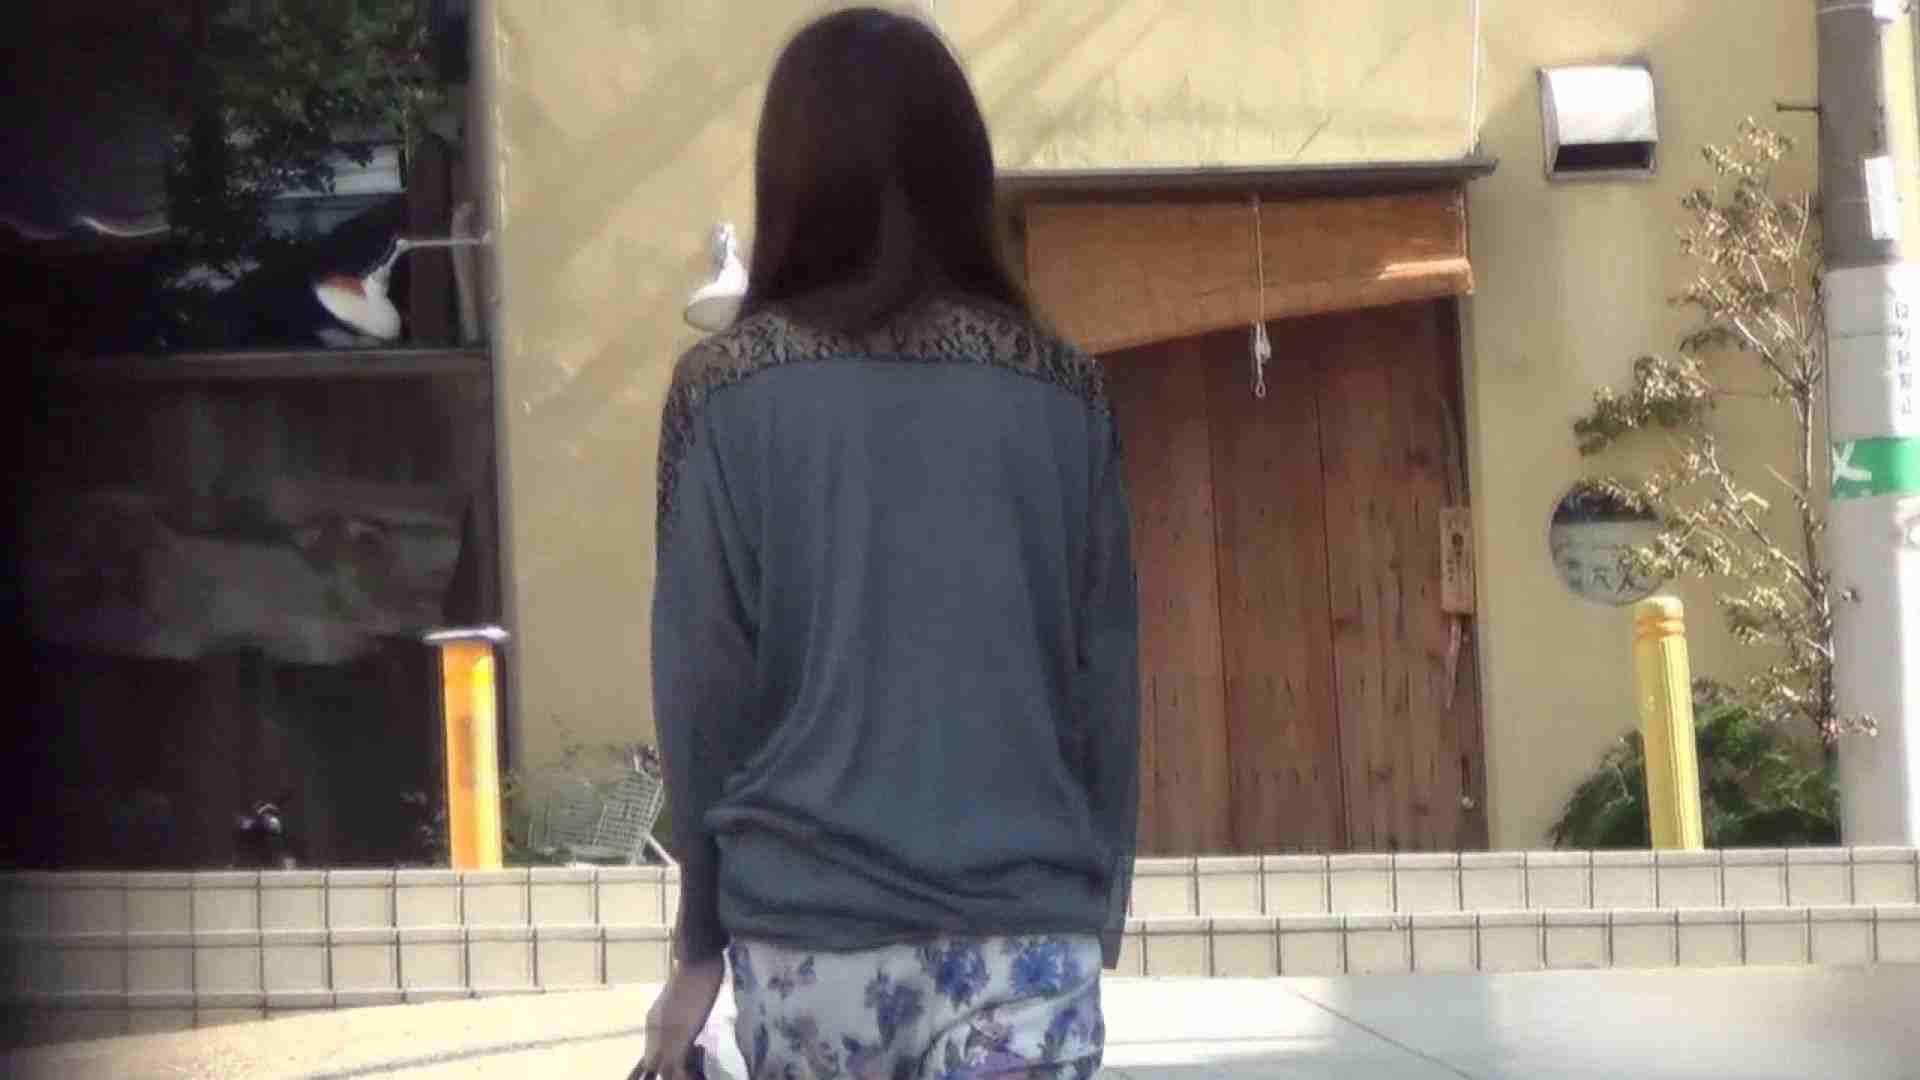 屋外トイレっと!Vol.01 独身エッチOL   お姉さんの女体  61pic 13